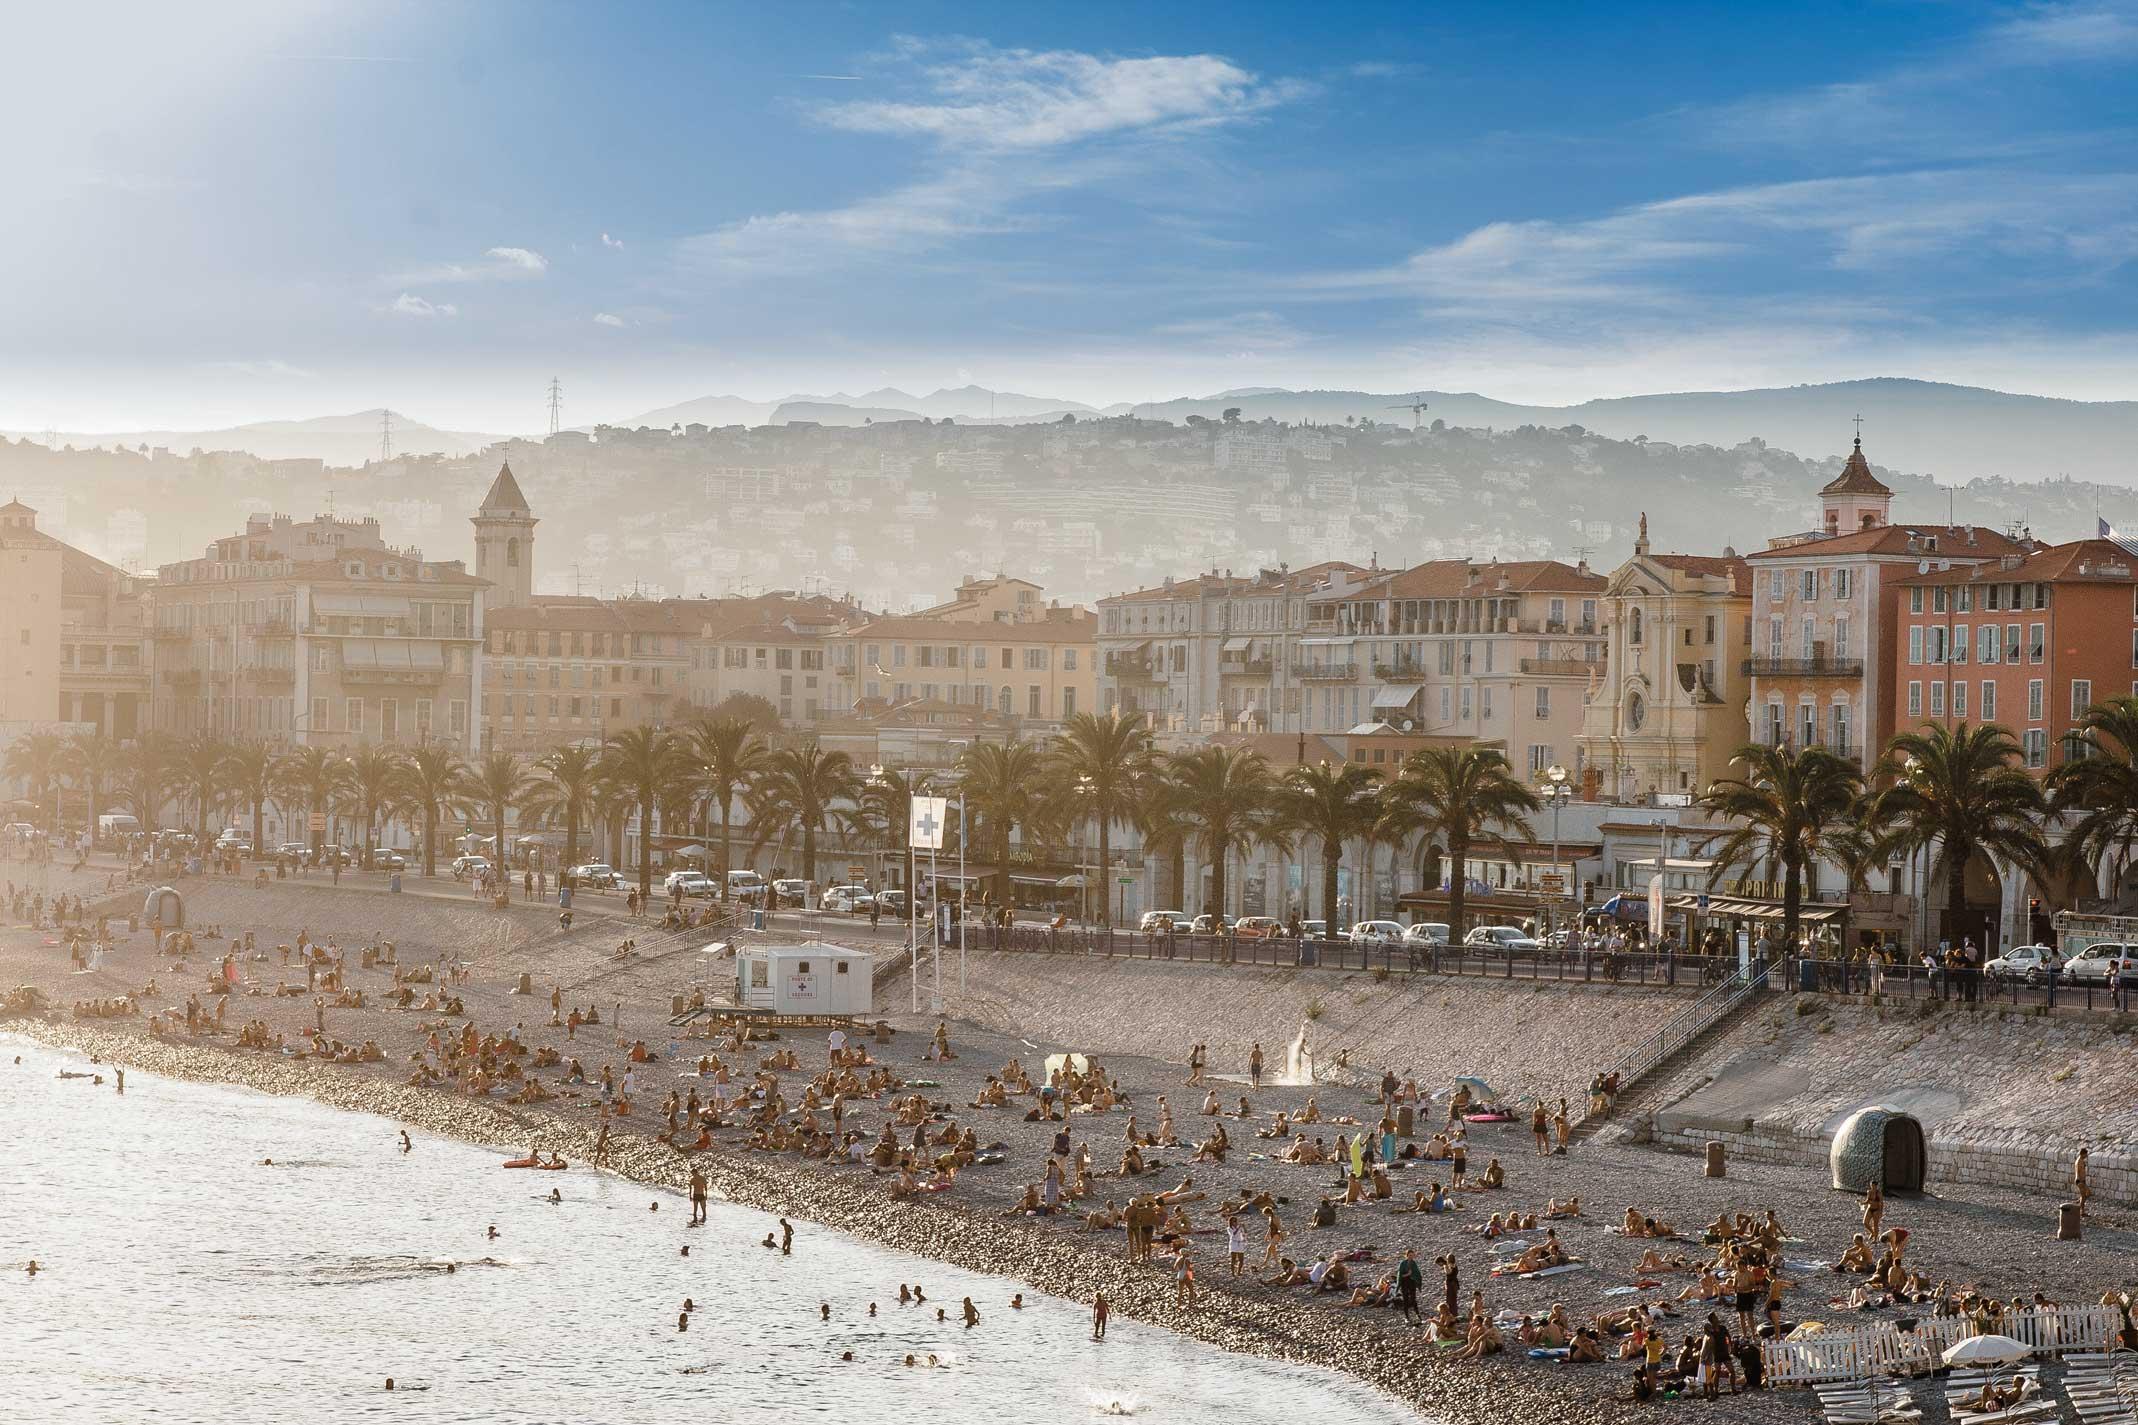 După-amiza la Nisa